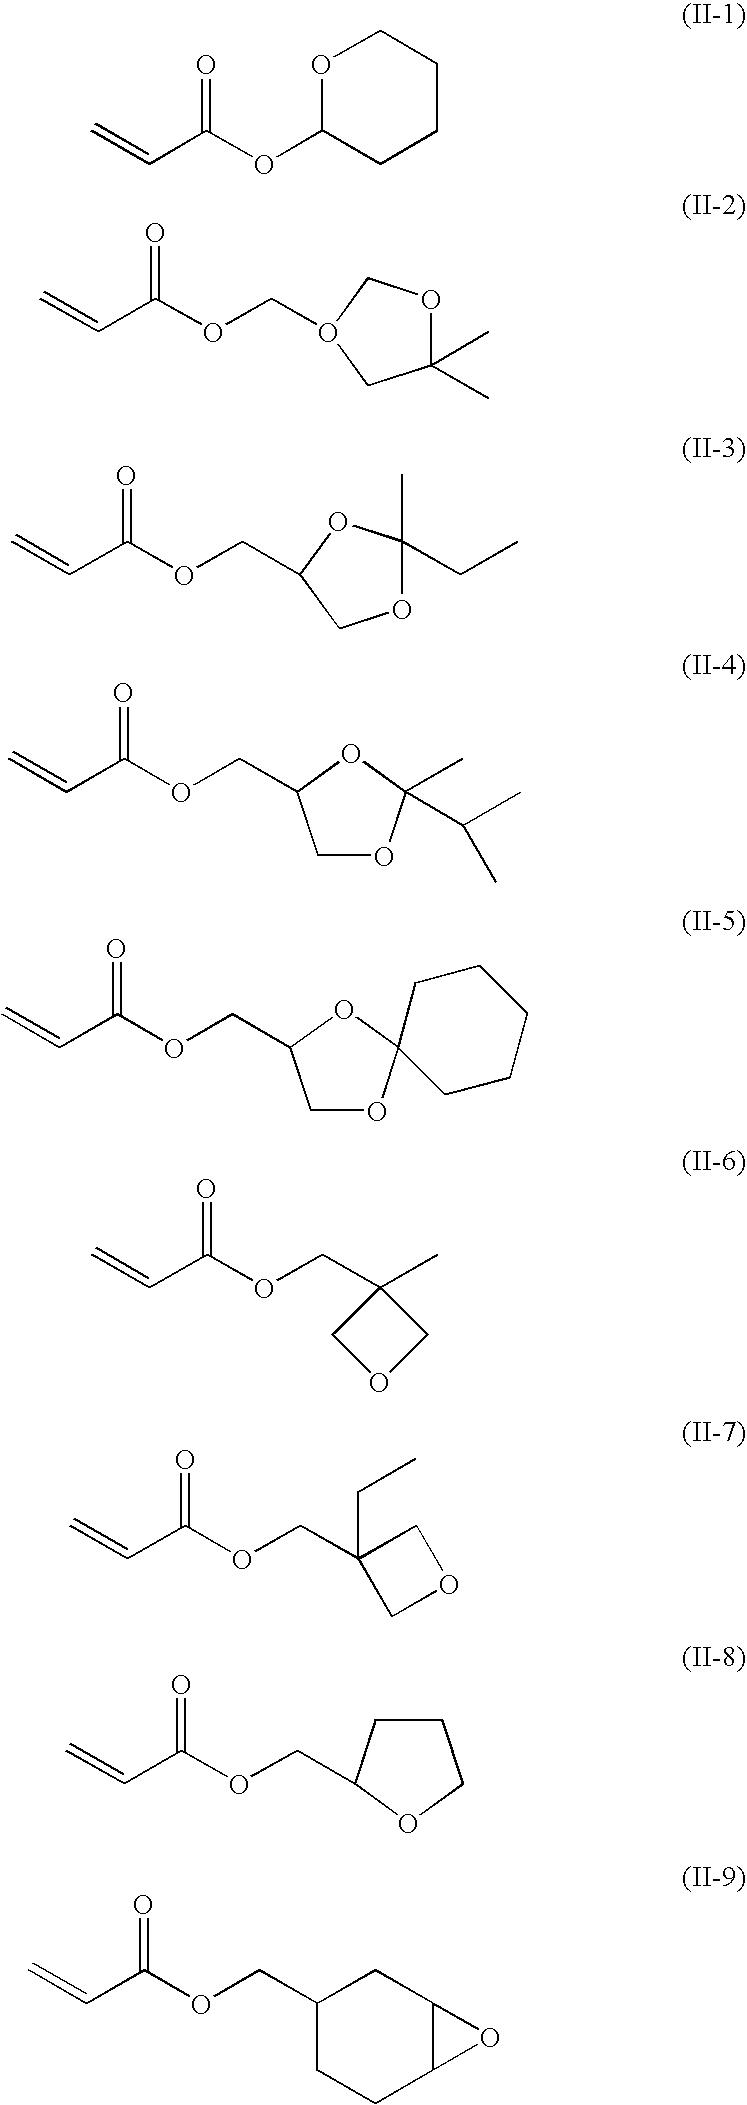 Figure US20090011367A1-20090108-C00005